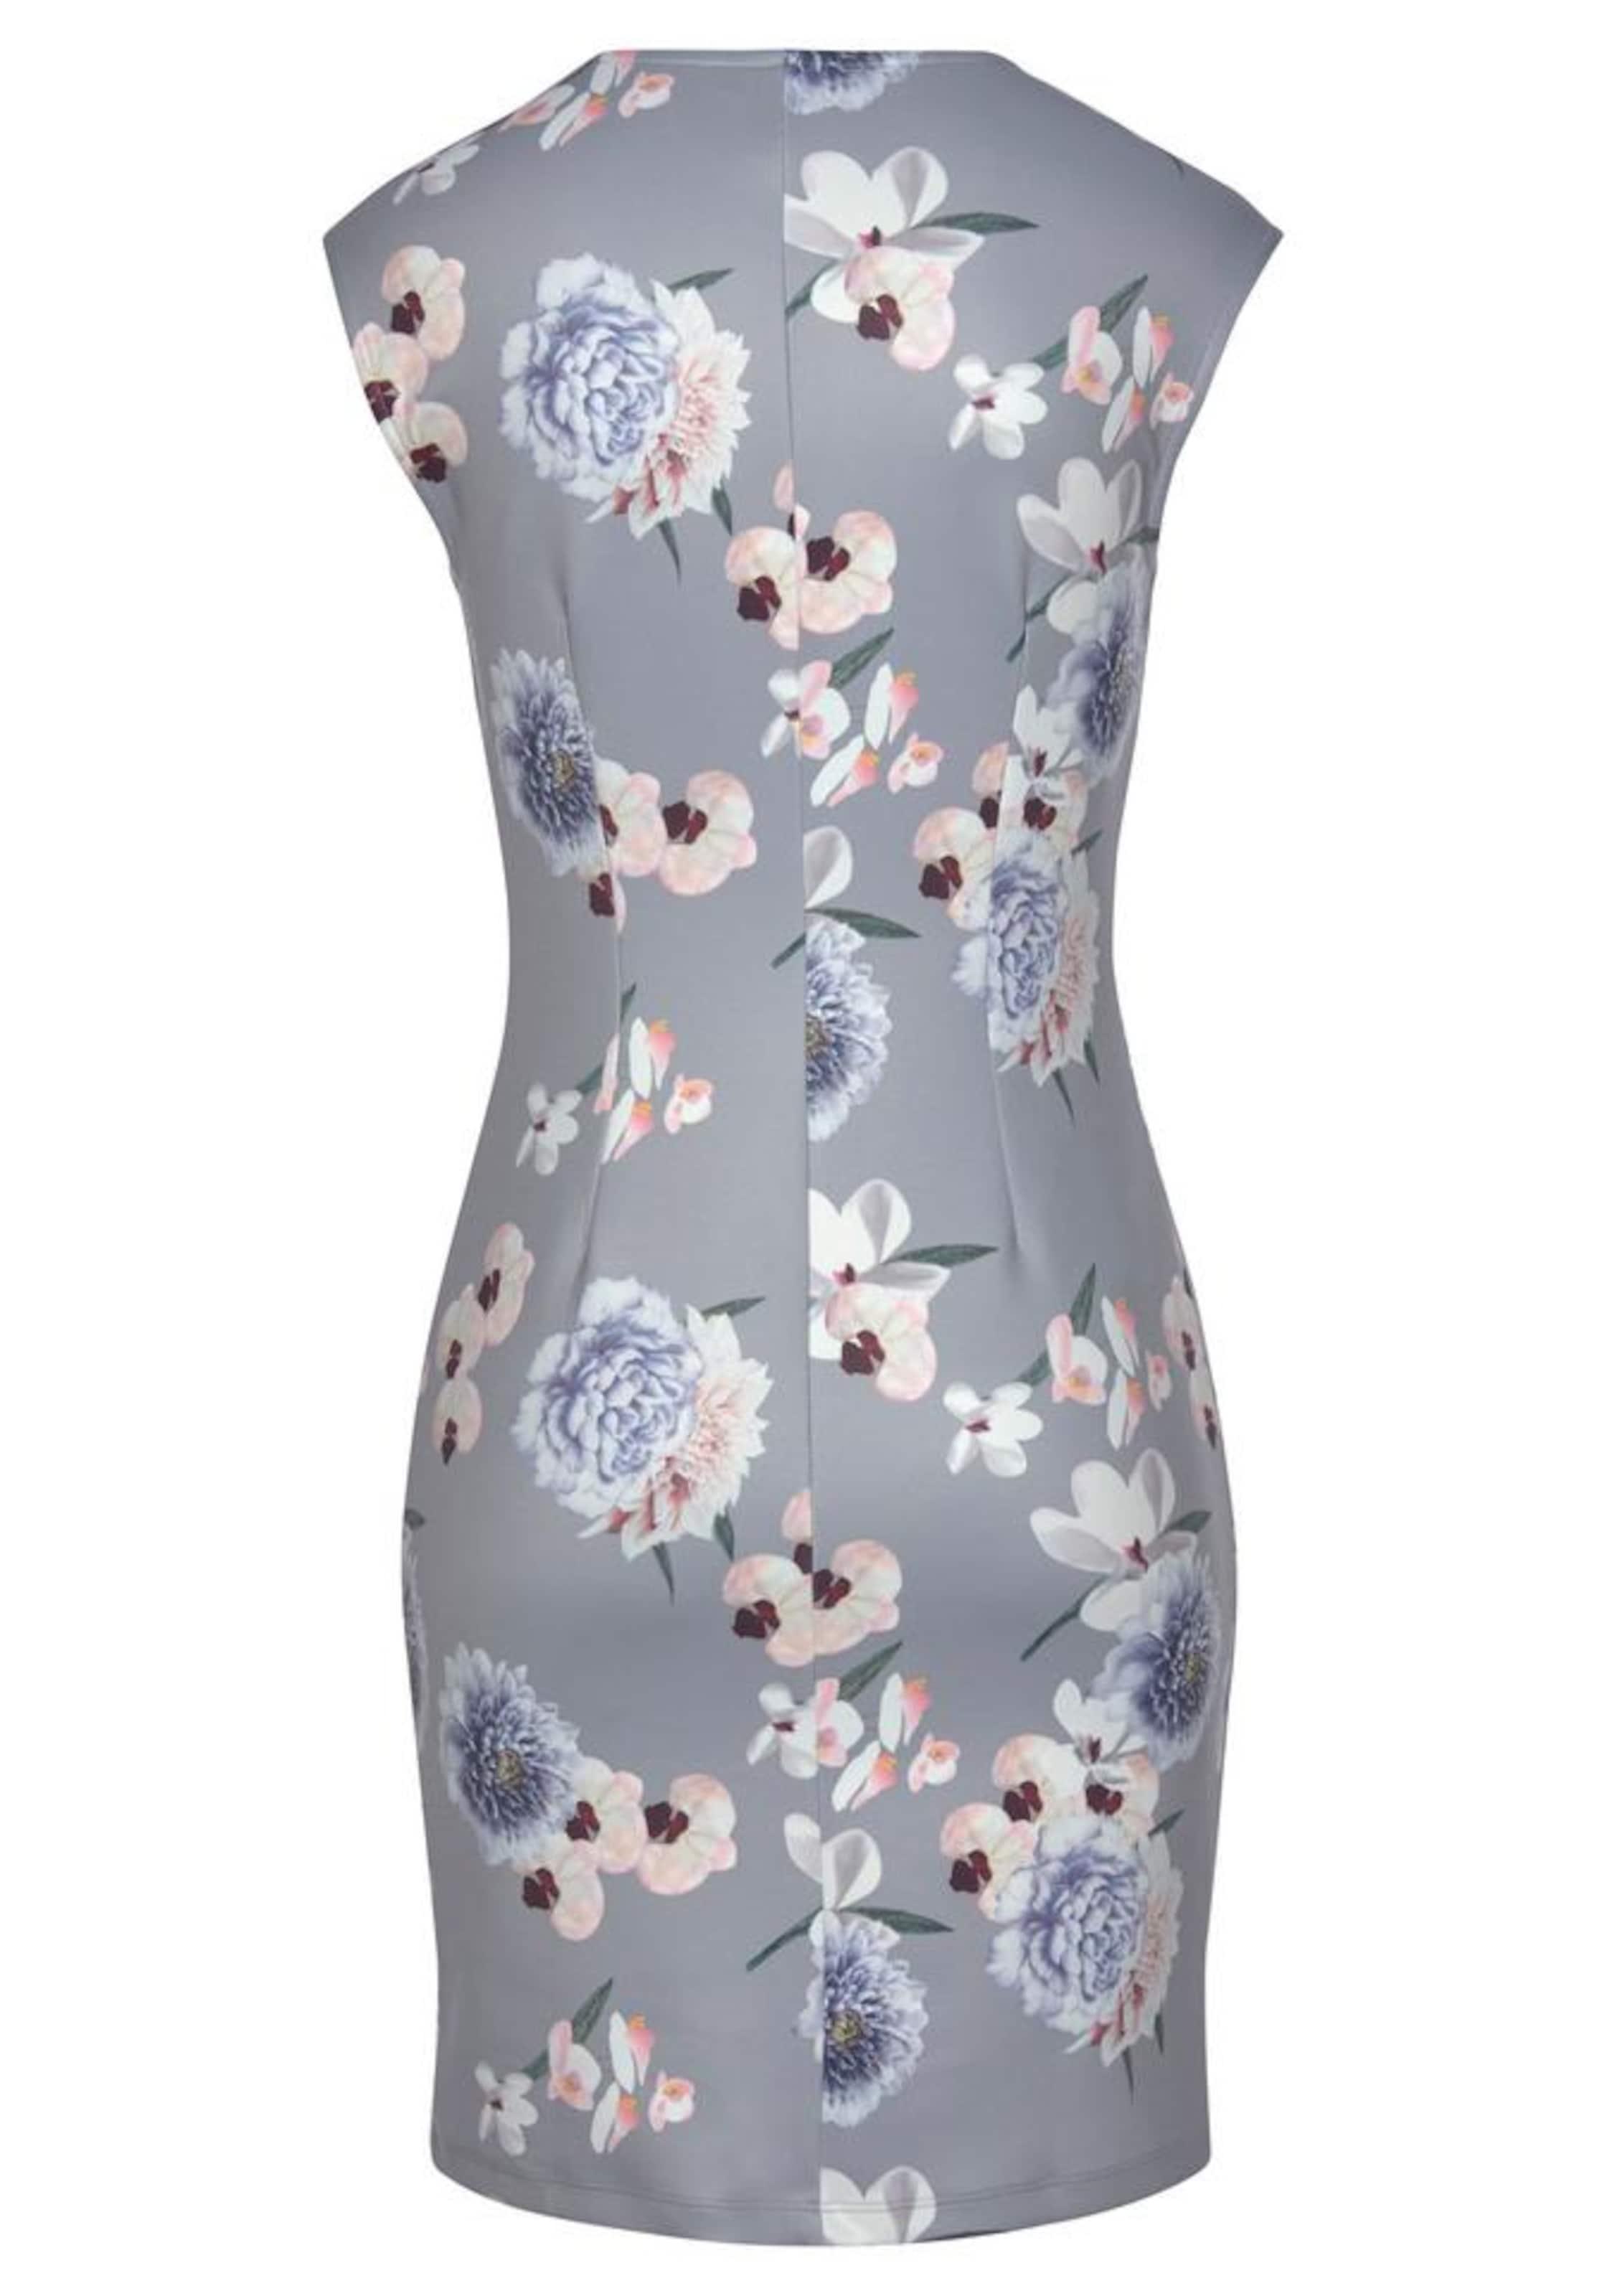 Kleid Kleid Lascana In SilbergrauMischfarben SilbergrauMischfarben Lascana In 3L4Rjq5A